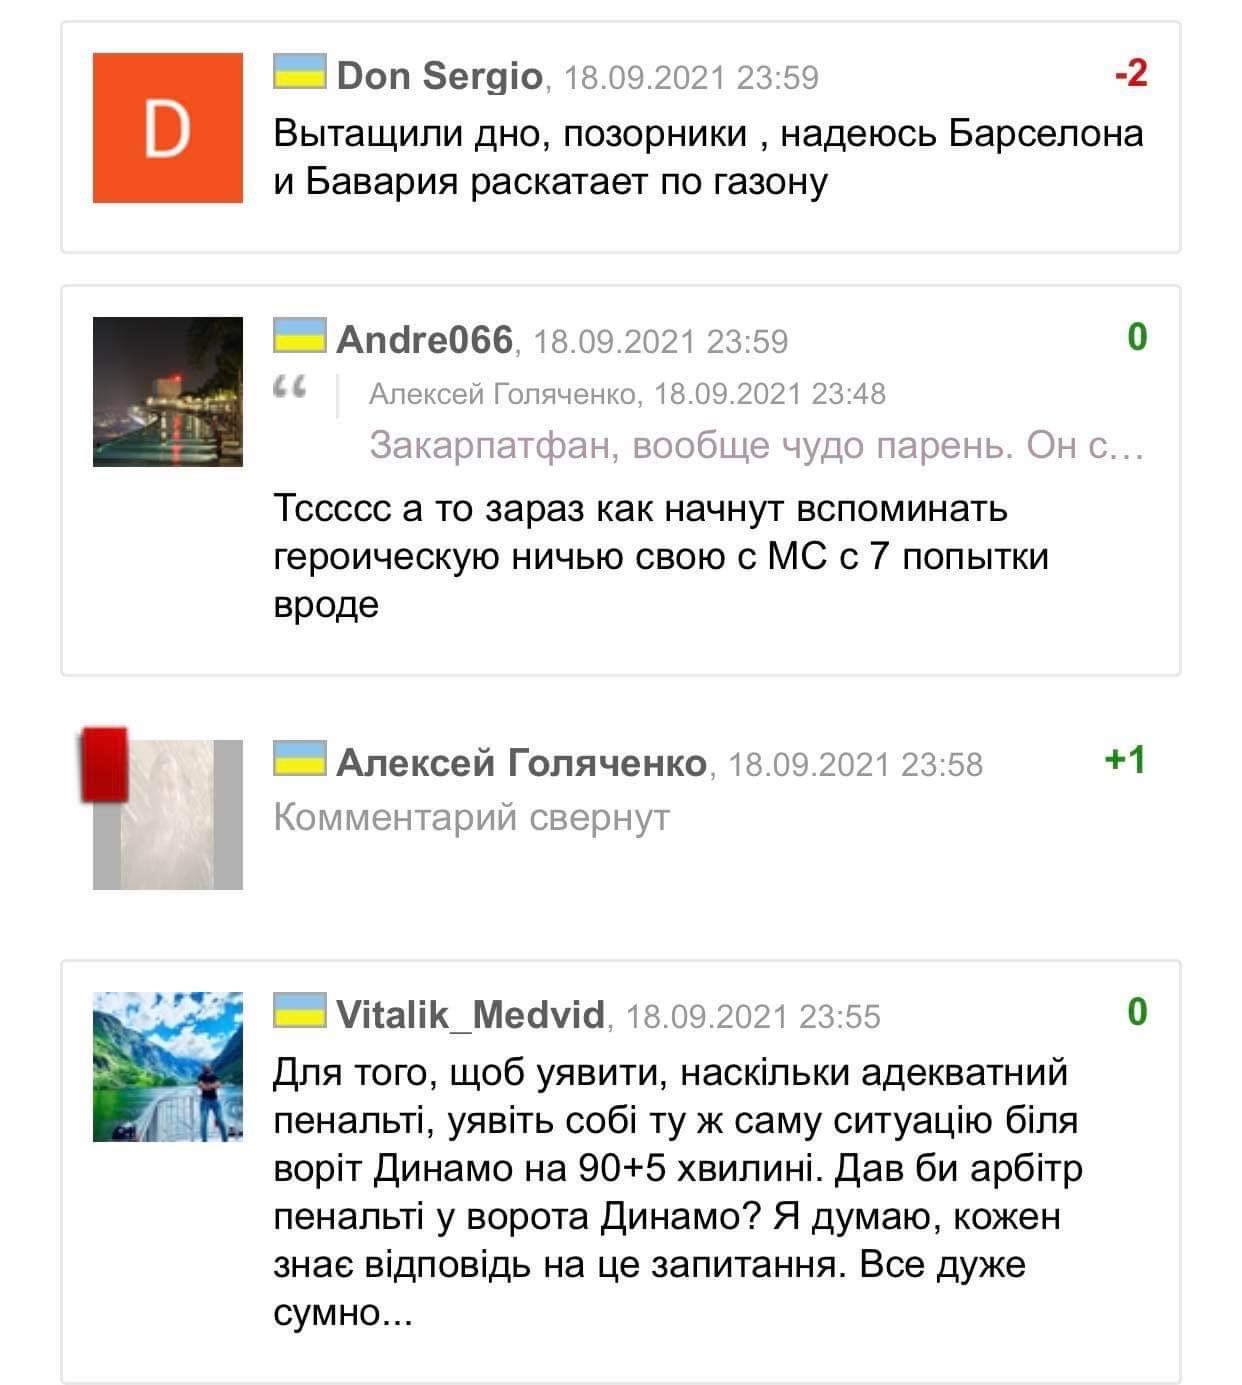 Без прозрачного судейства и системы VAR «Динамо» не видать домашней победы: обзор оценок матча с «Александрией» - фото 2